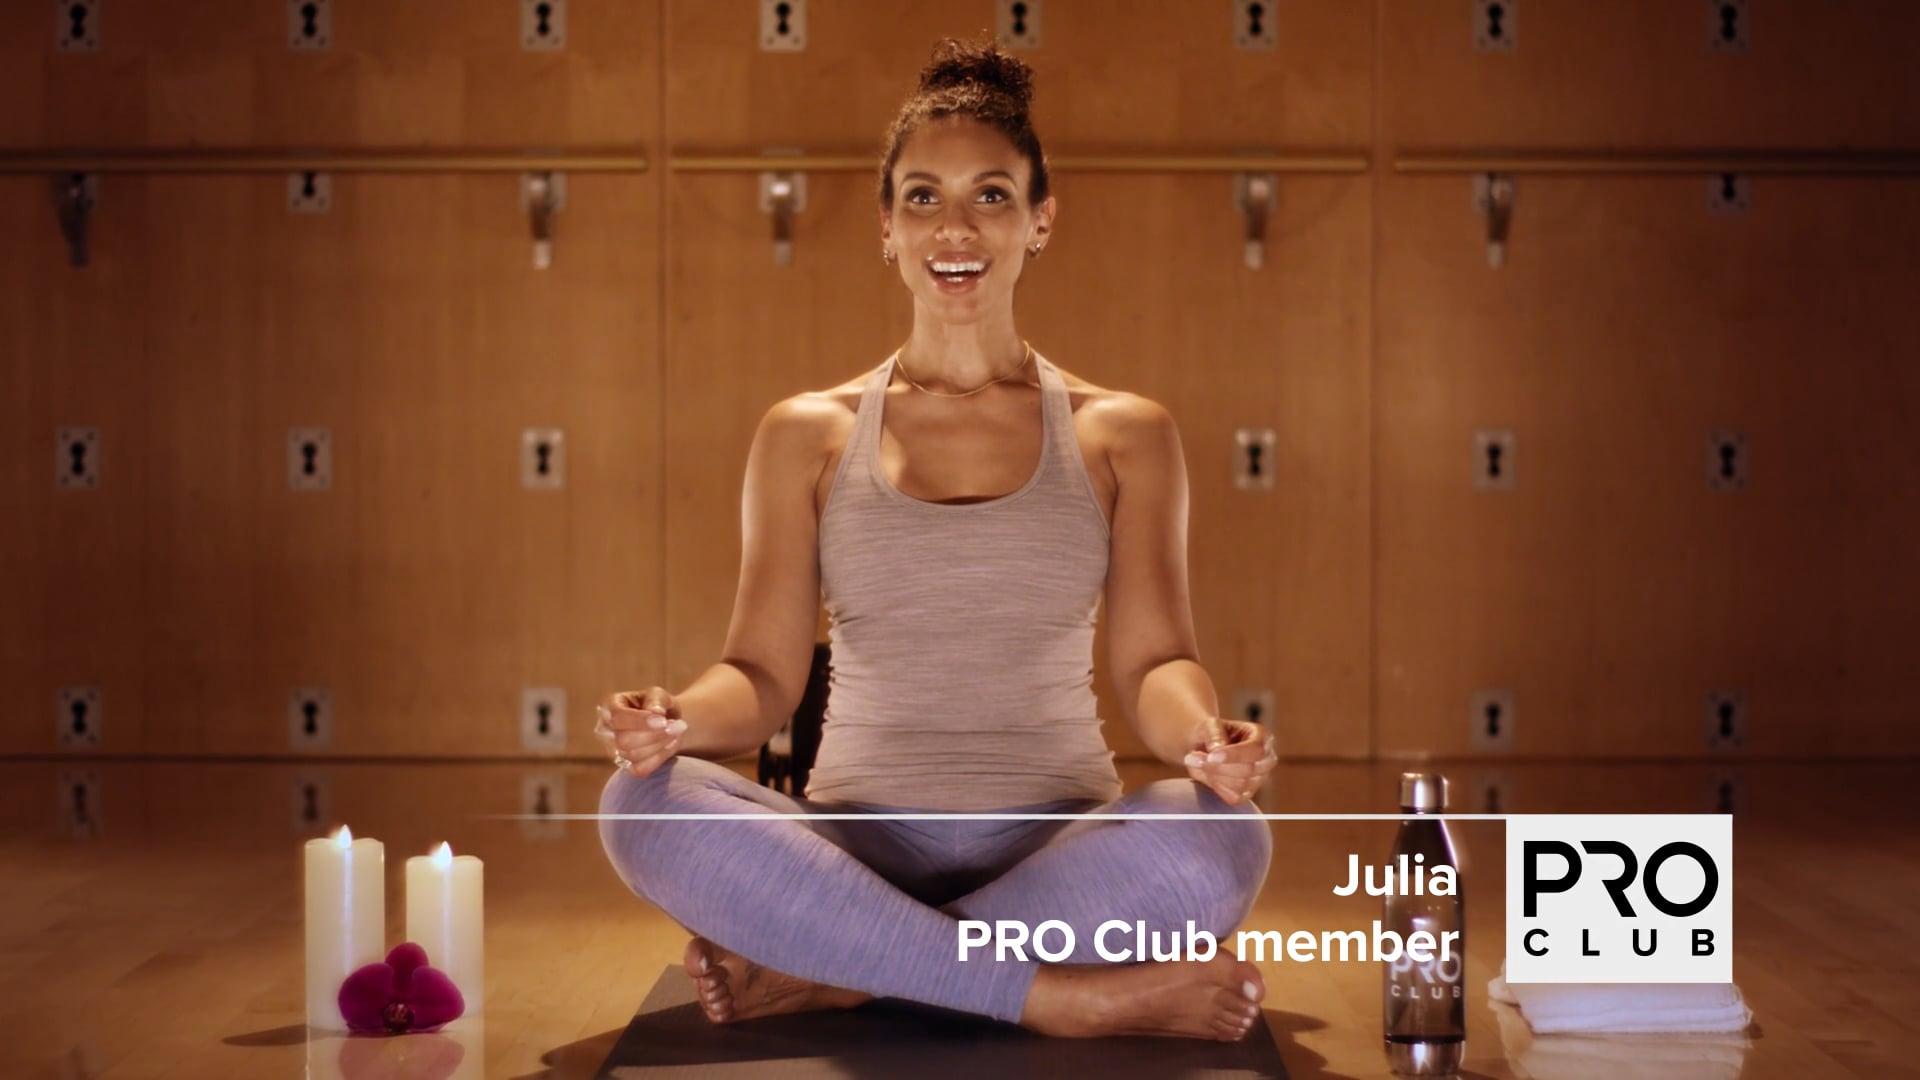 PRO Club - Julia